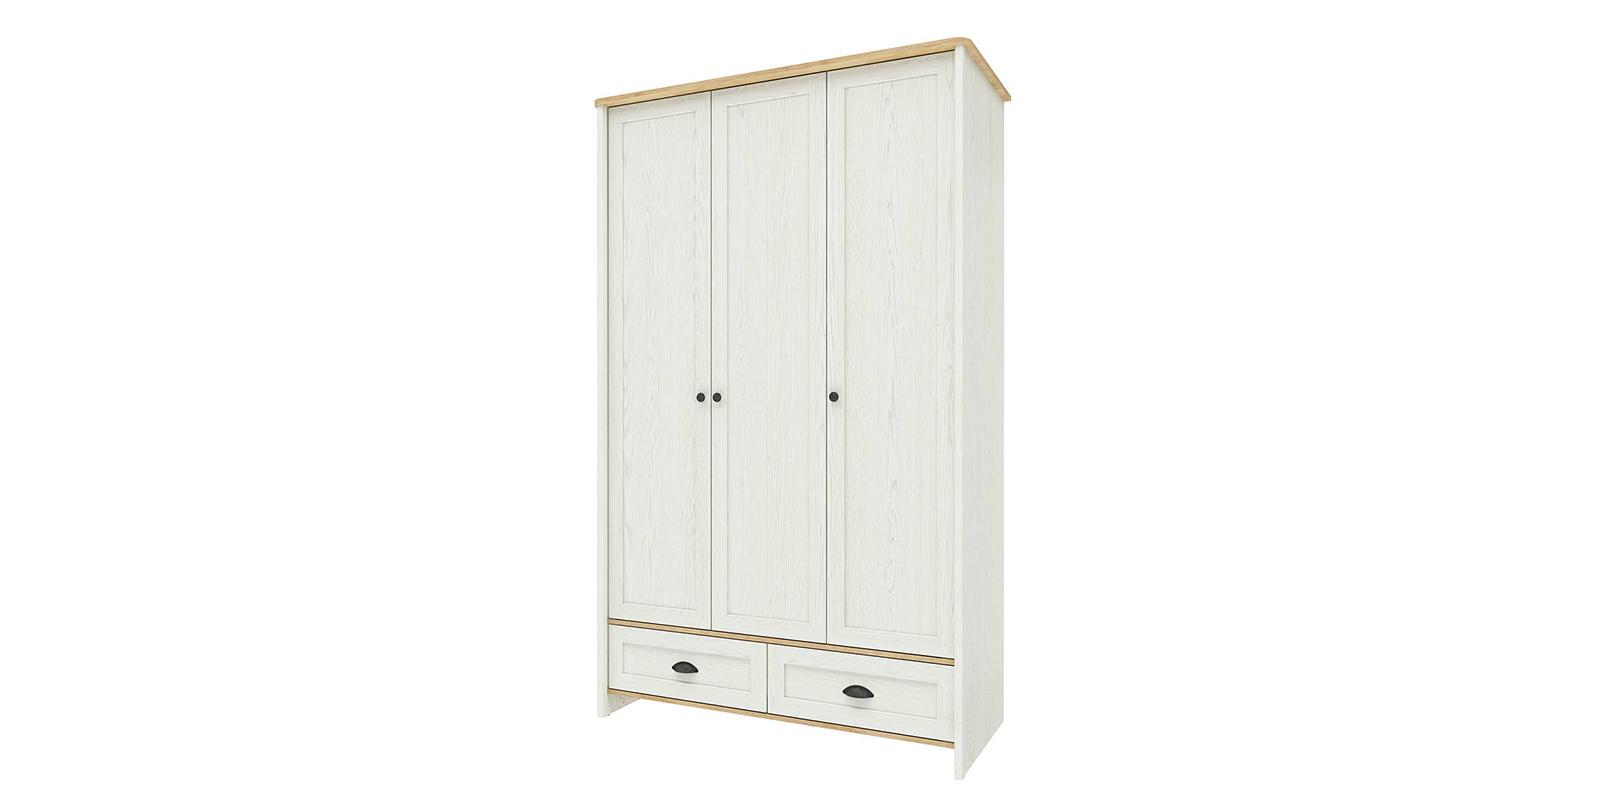 Шкаф распашной трехдверный Эстель (дуб небраска/белый) Эстель